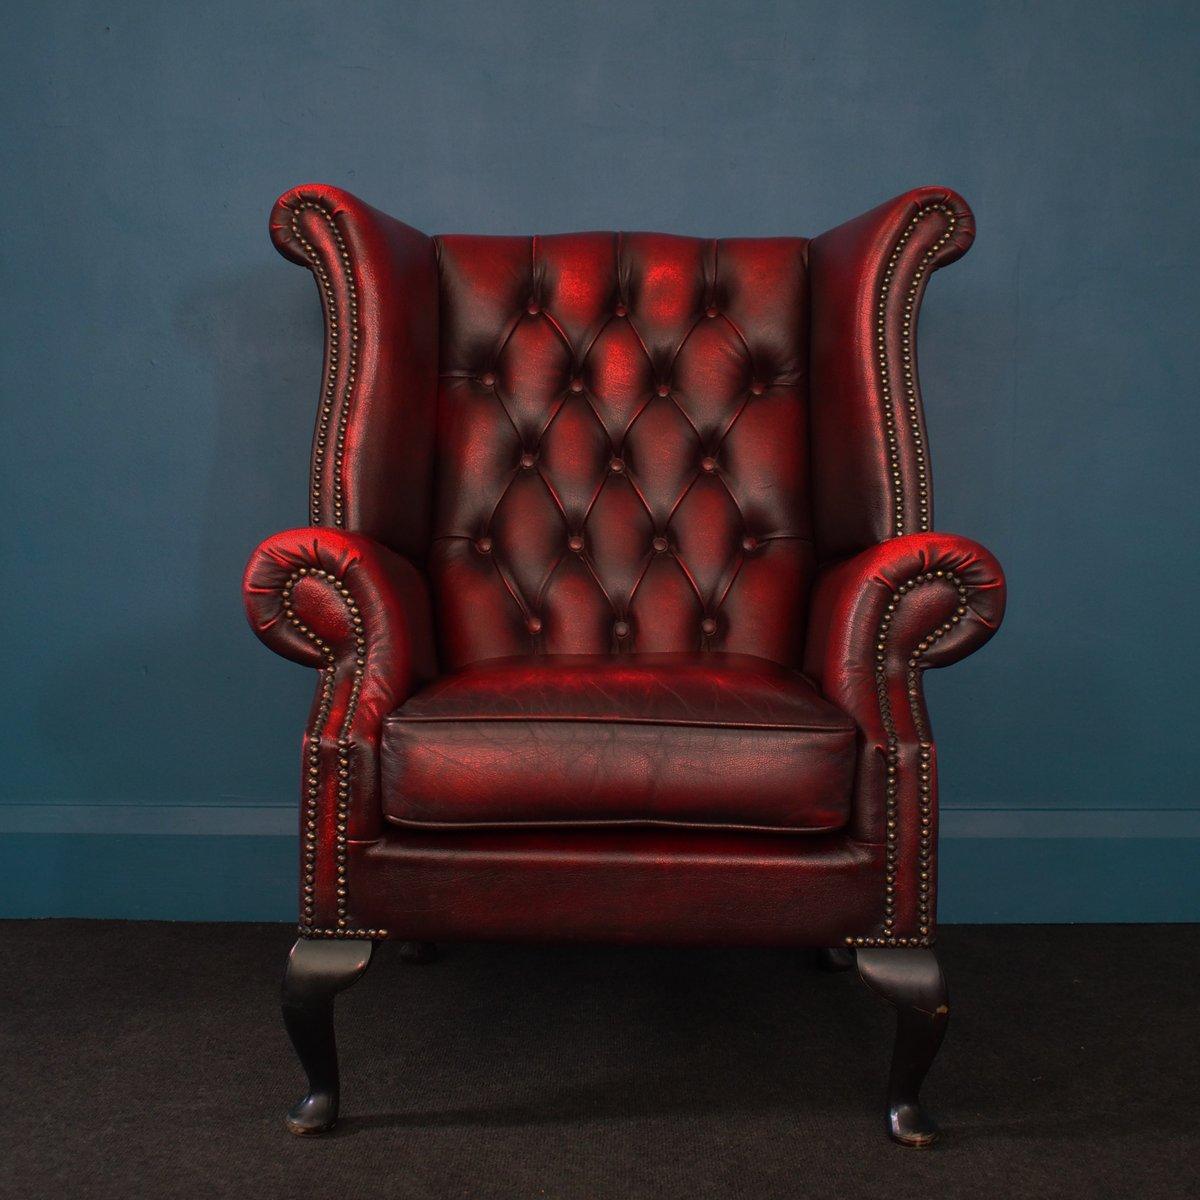 britischer oxblood chesterfield ohrensessel aus leder 1980er bei pamono kaufen. Black Bedroom Furniture Sets. Home Design Ideas